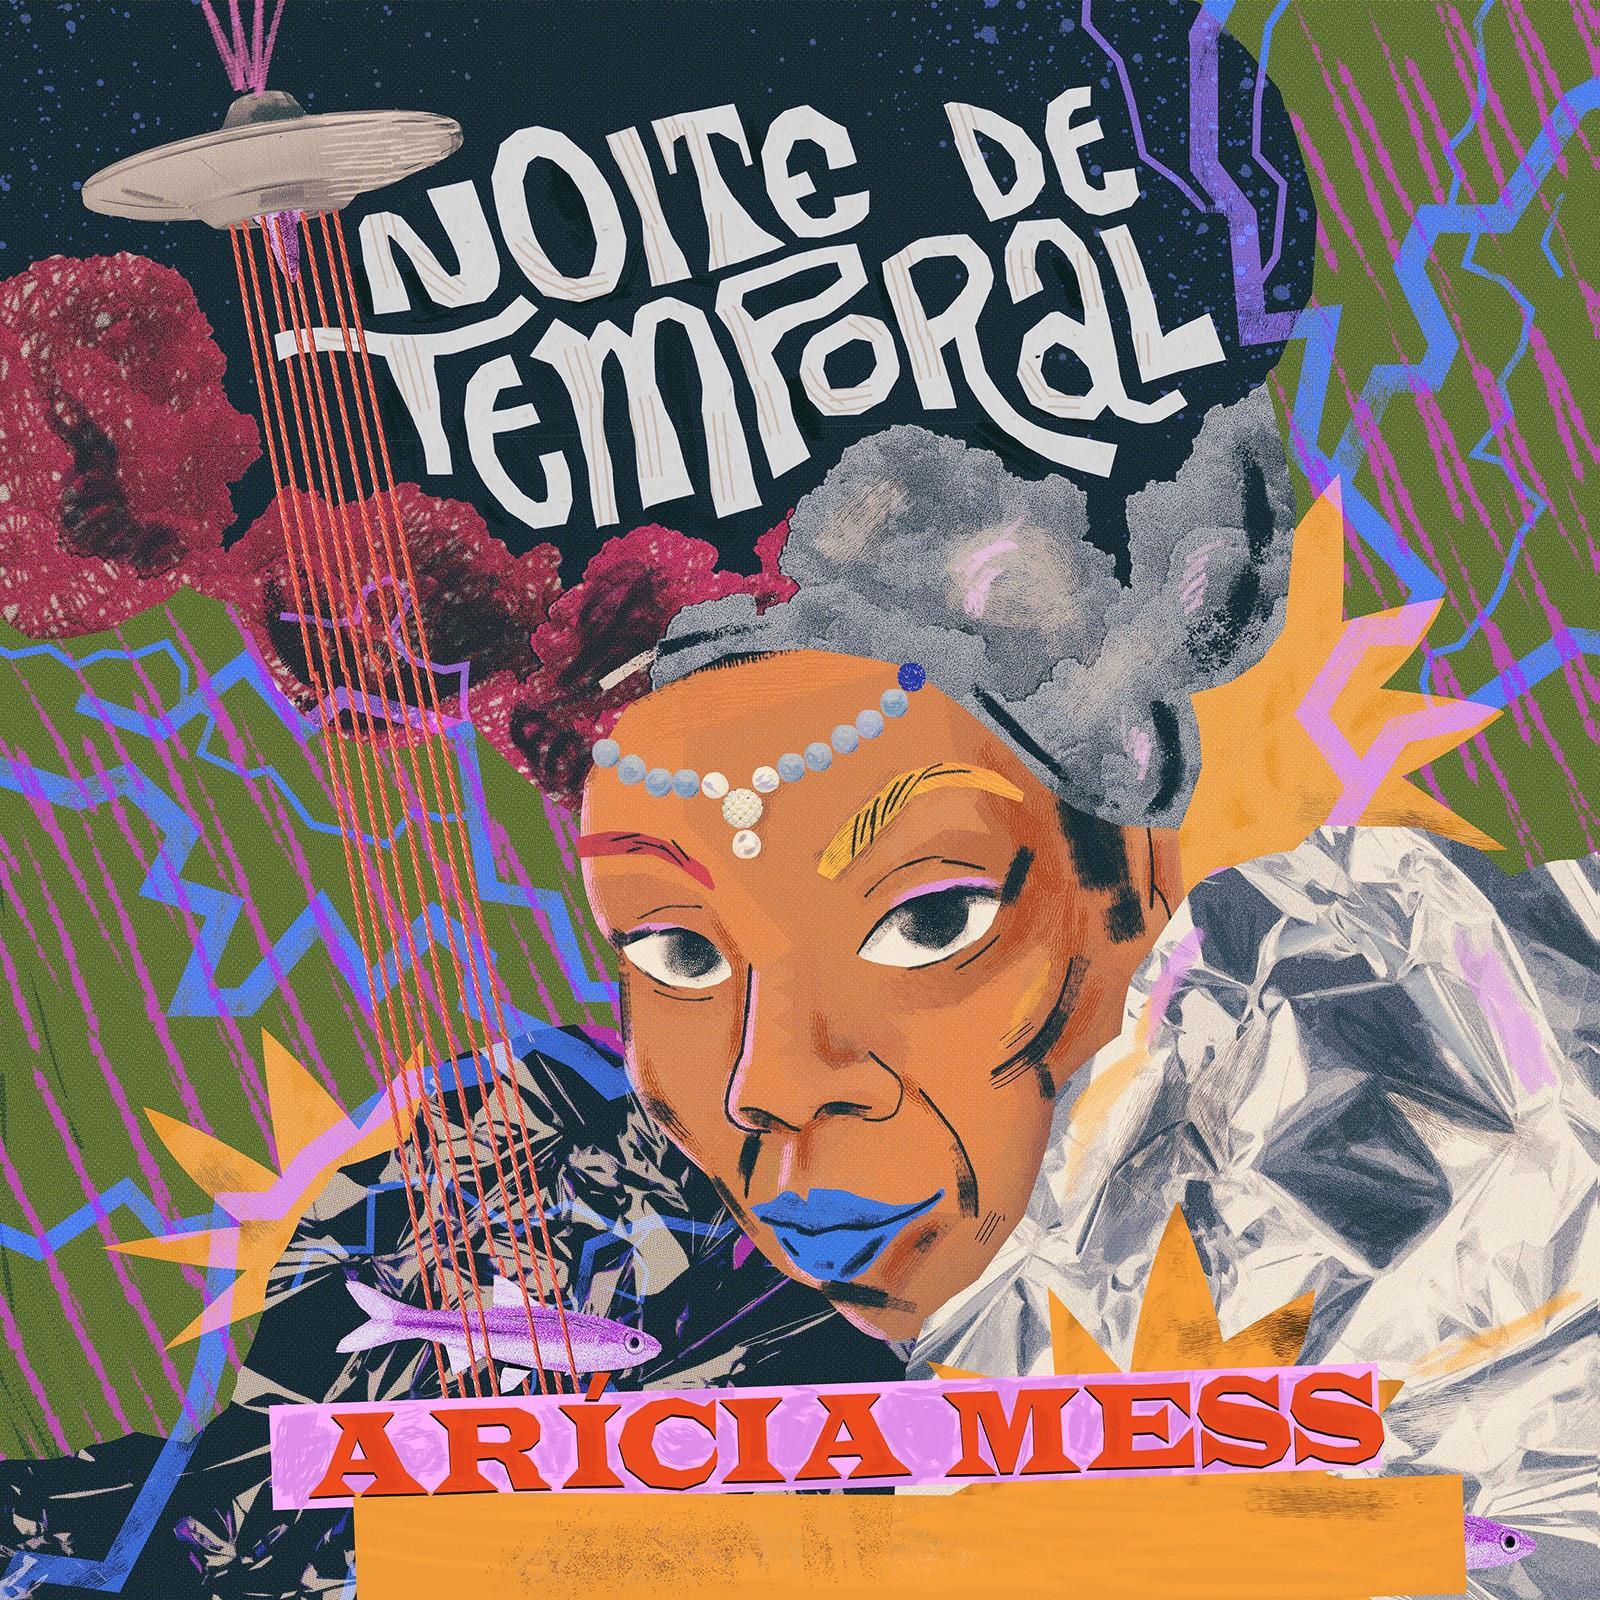 Arícia Mess encara 'Noite de temporal', de Dorival Caymmi, em single agendado para fevereiro